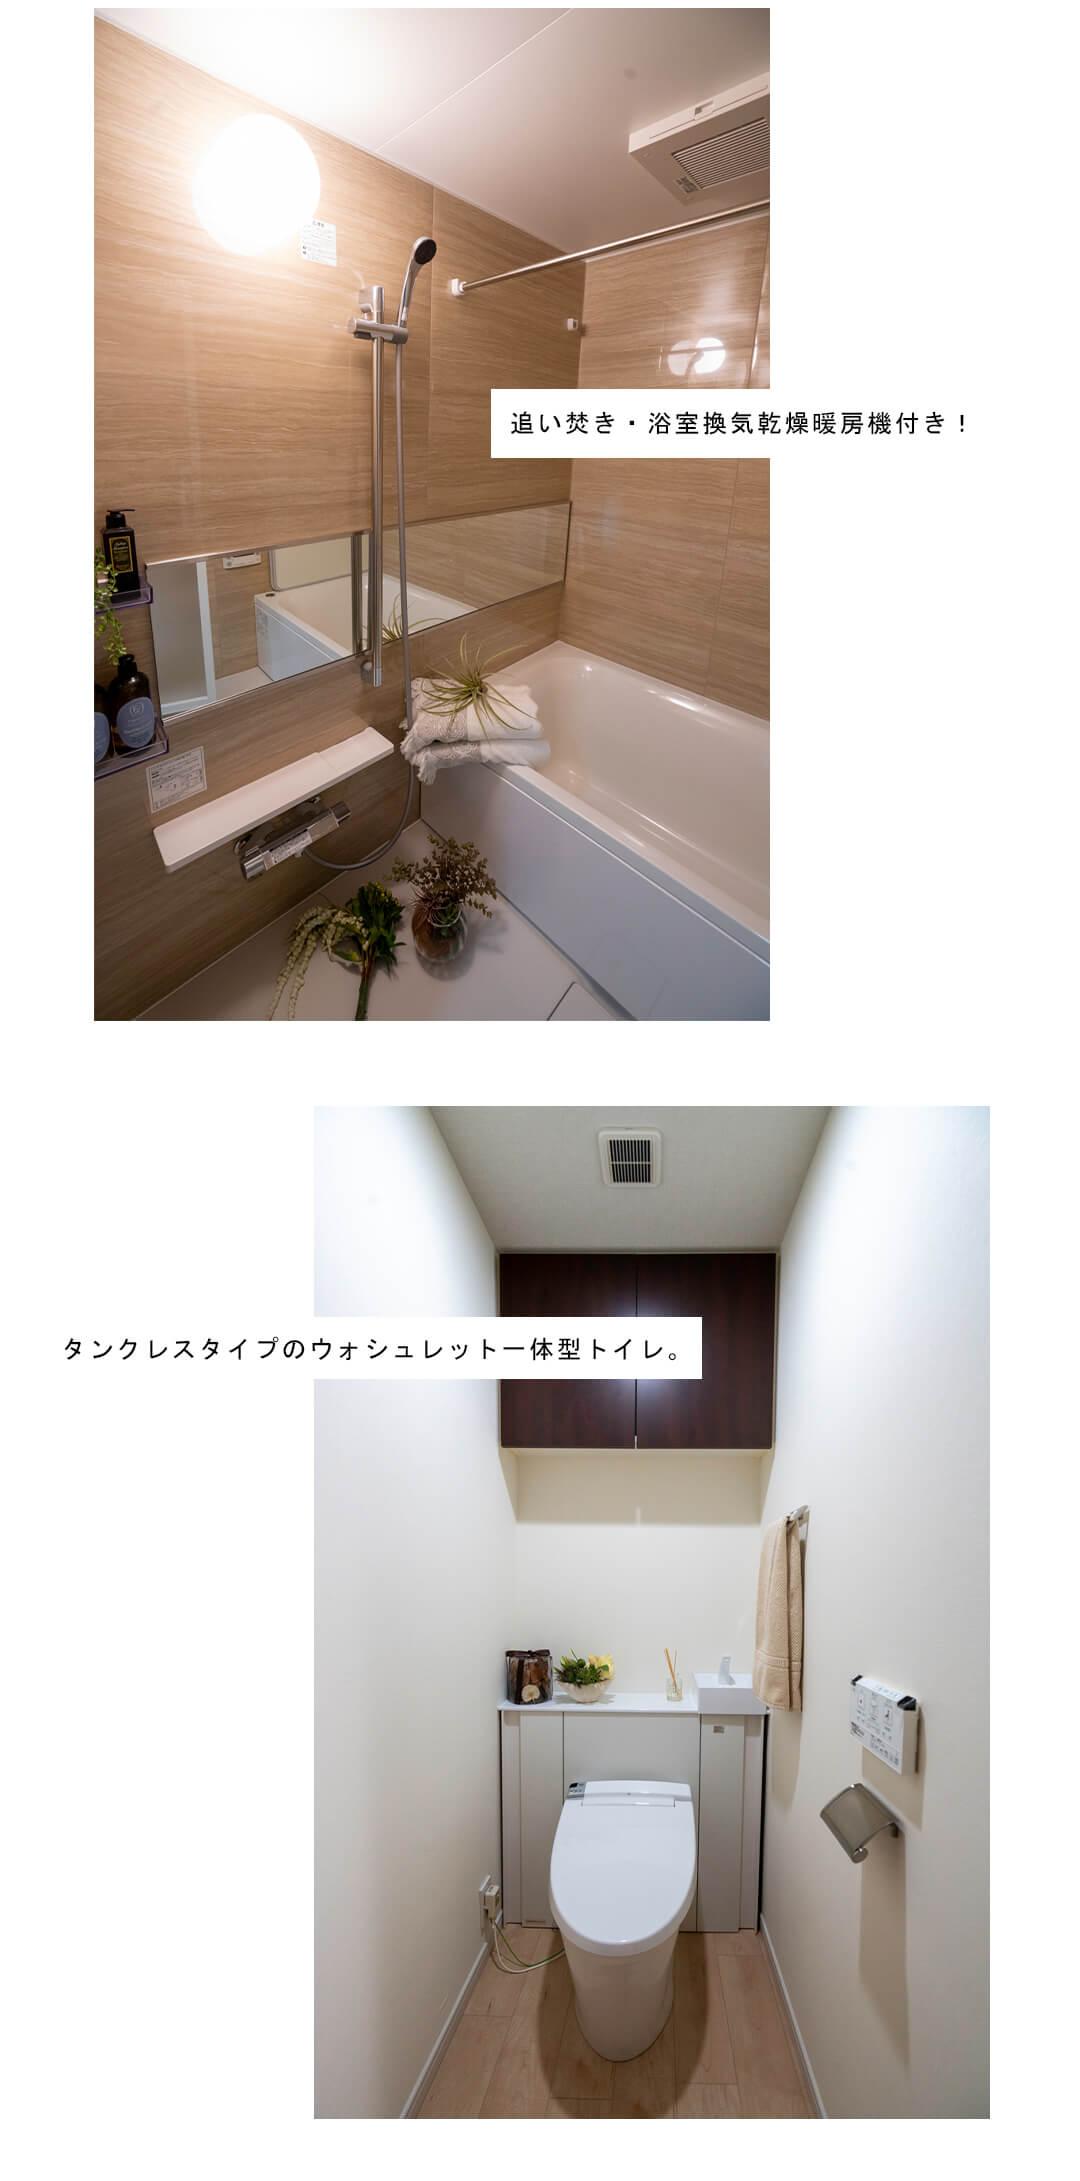 パークタワー芝浦ベイワードオーシャンウィングの浴室とトイレ